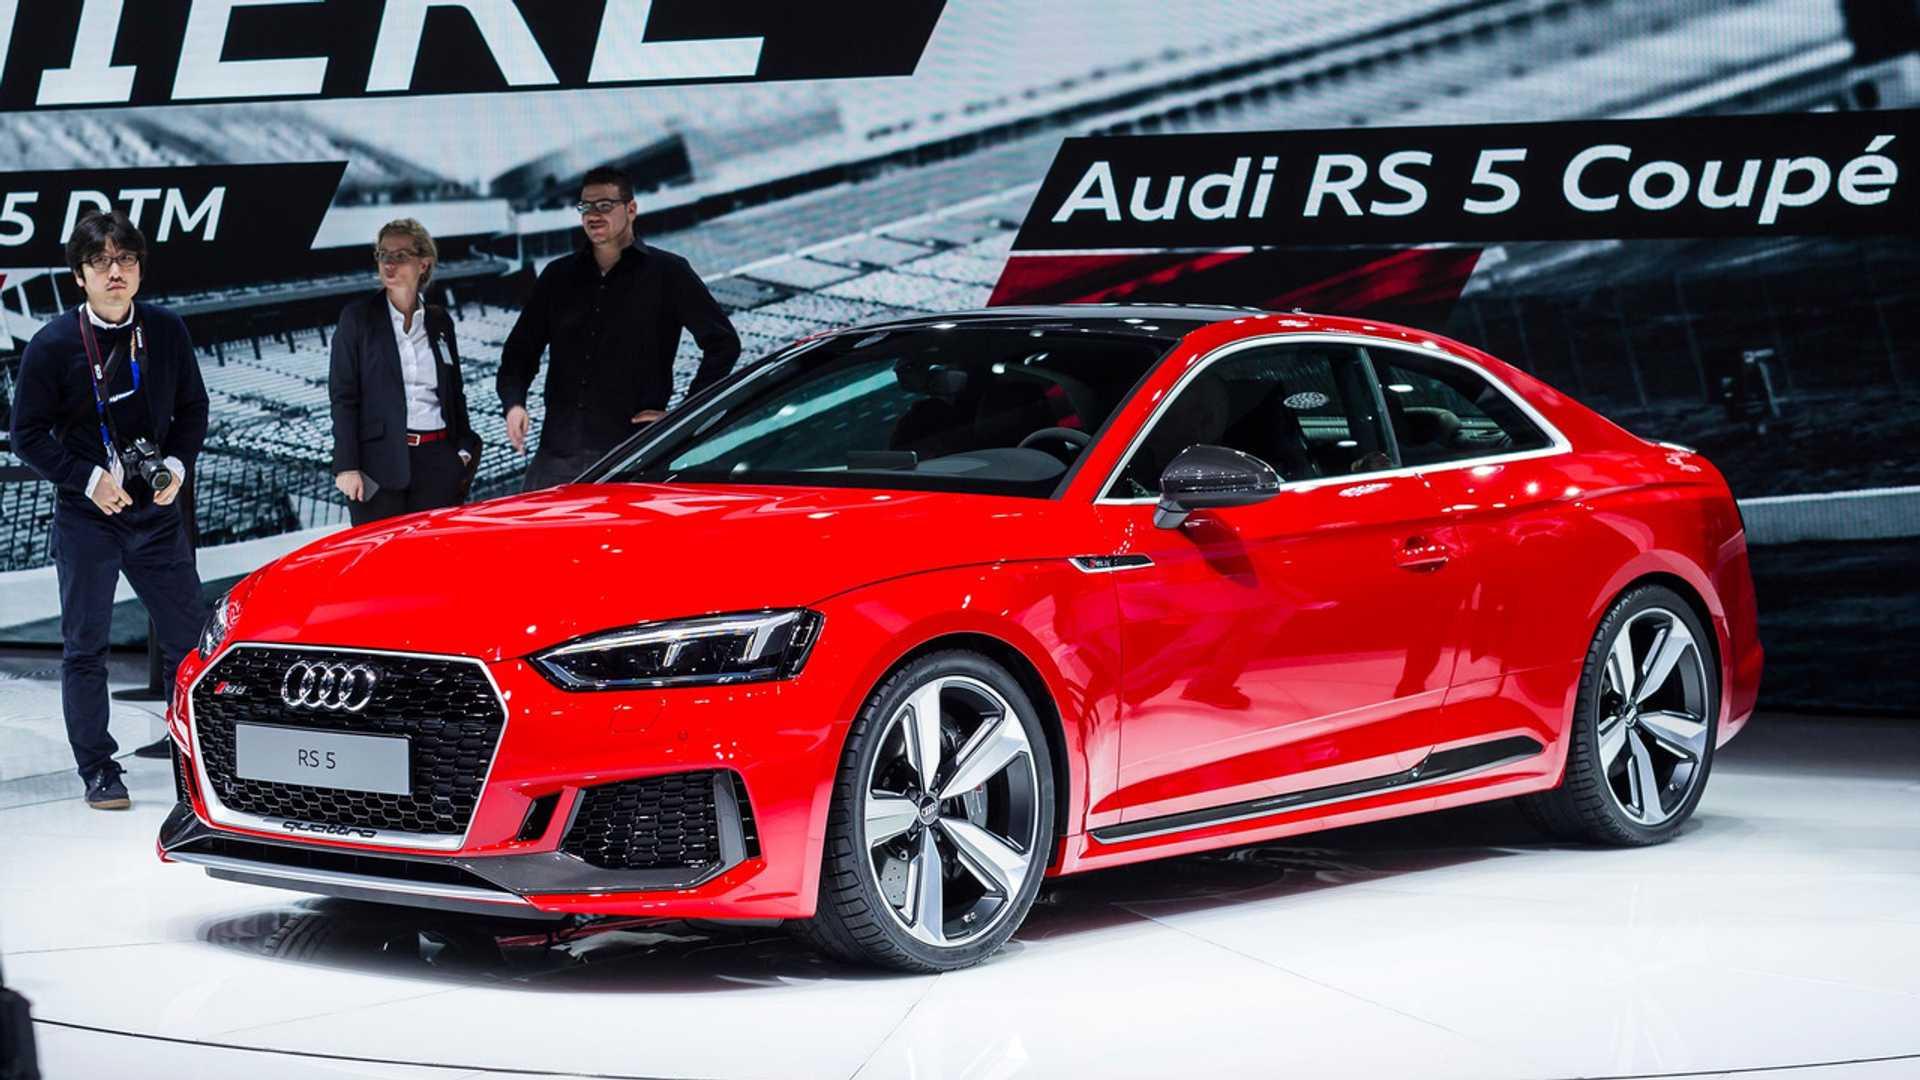 Novo Audi Rs 5 Coupe De 450 Cv Chega Ao Brasil Por R 556 990